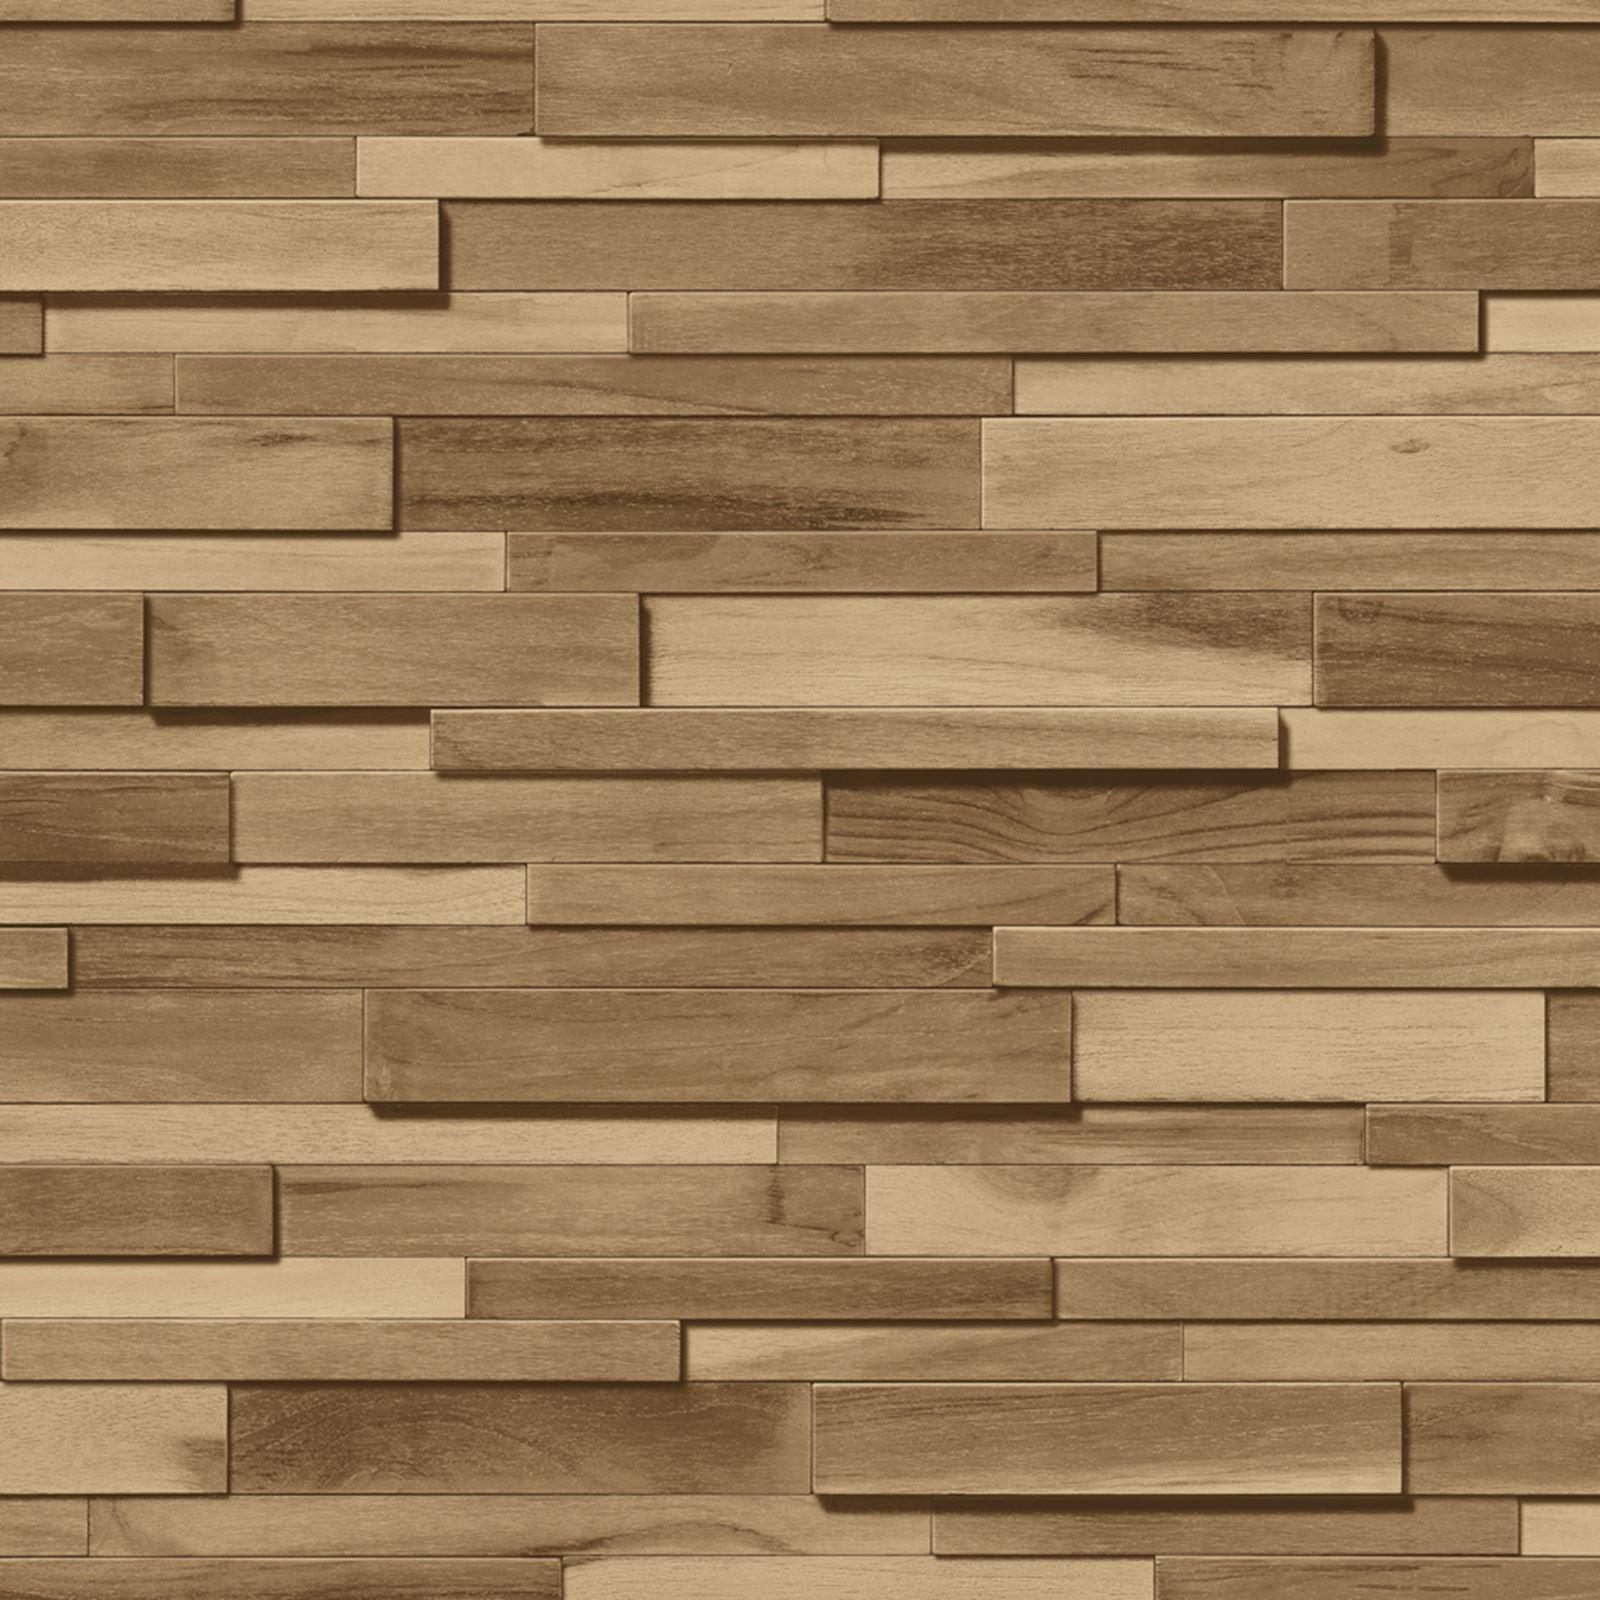 Moderne tapeten stein  SCHIEFER STEIN WAND EFFEKT TAPETE – MODERN WANDTAPETE - GRAU ...